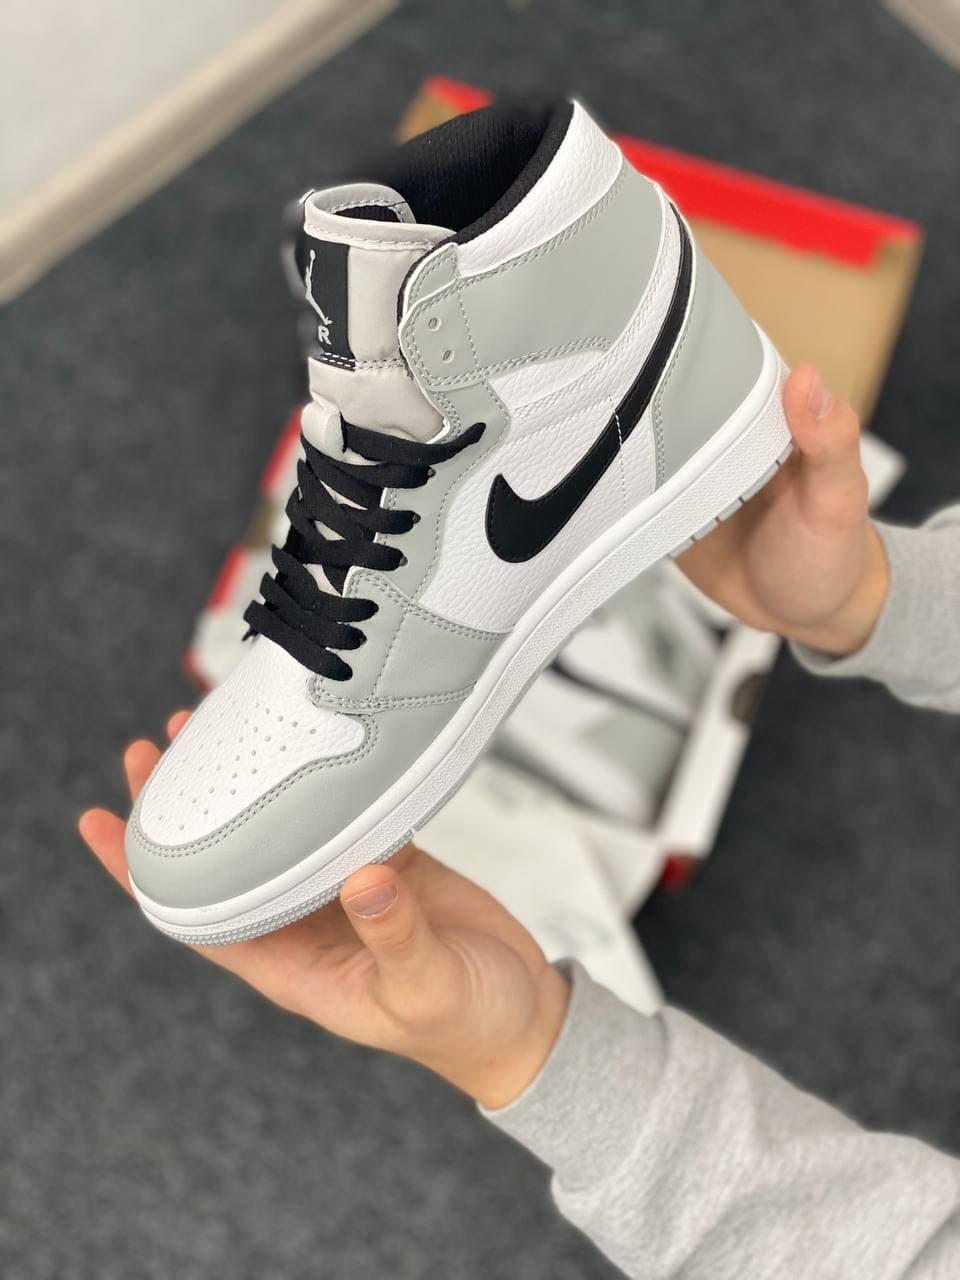 Женские кроссовки Nike Air Jordan Retro High Black/Gray NJ011 ( серо-белые) высокие женские кроссы